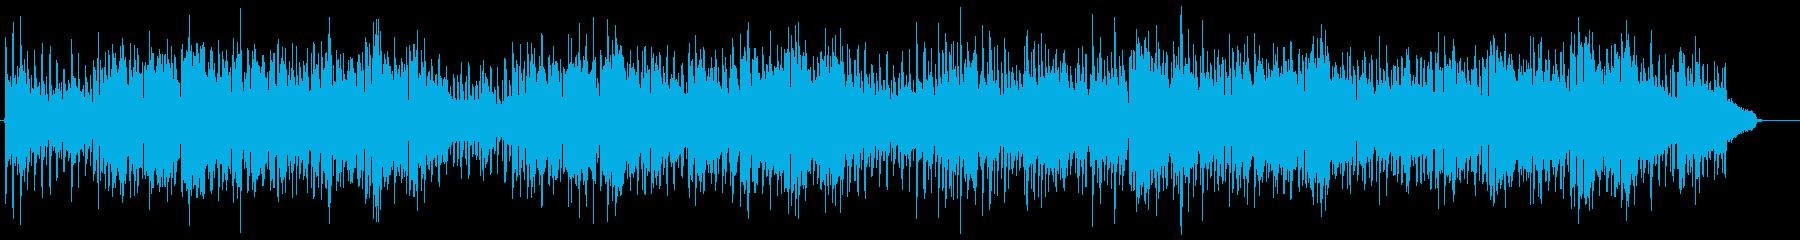 童謡ふるさと ブルーグラスの再生済みの波形